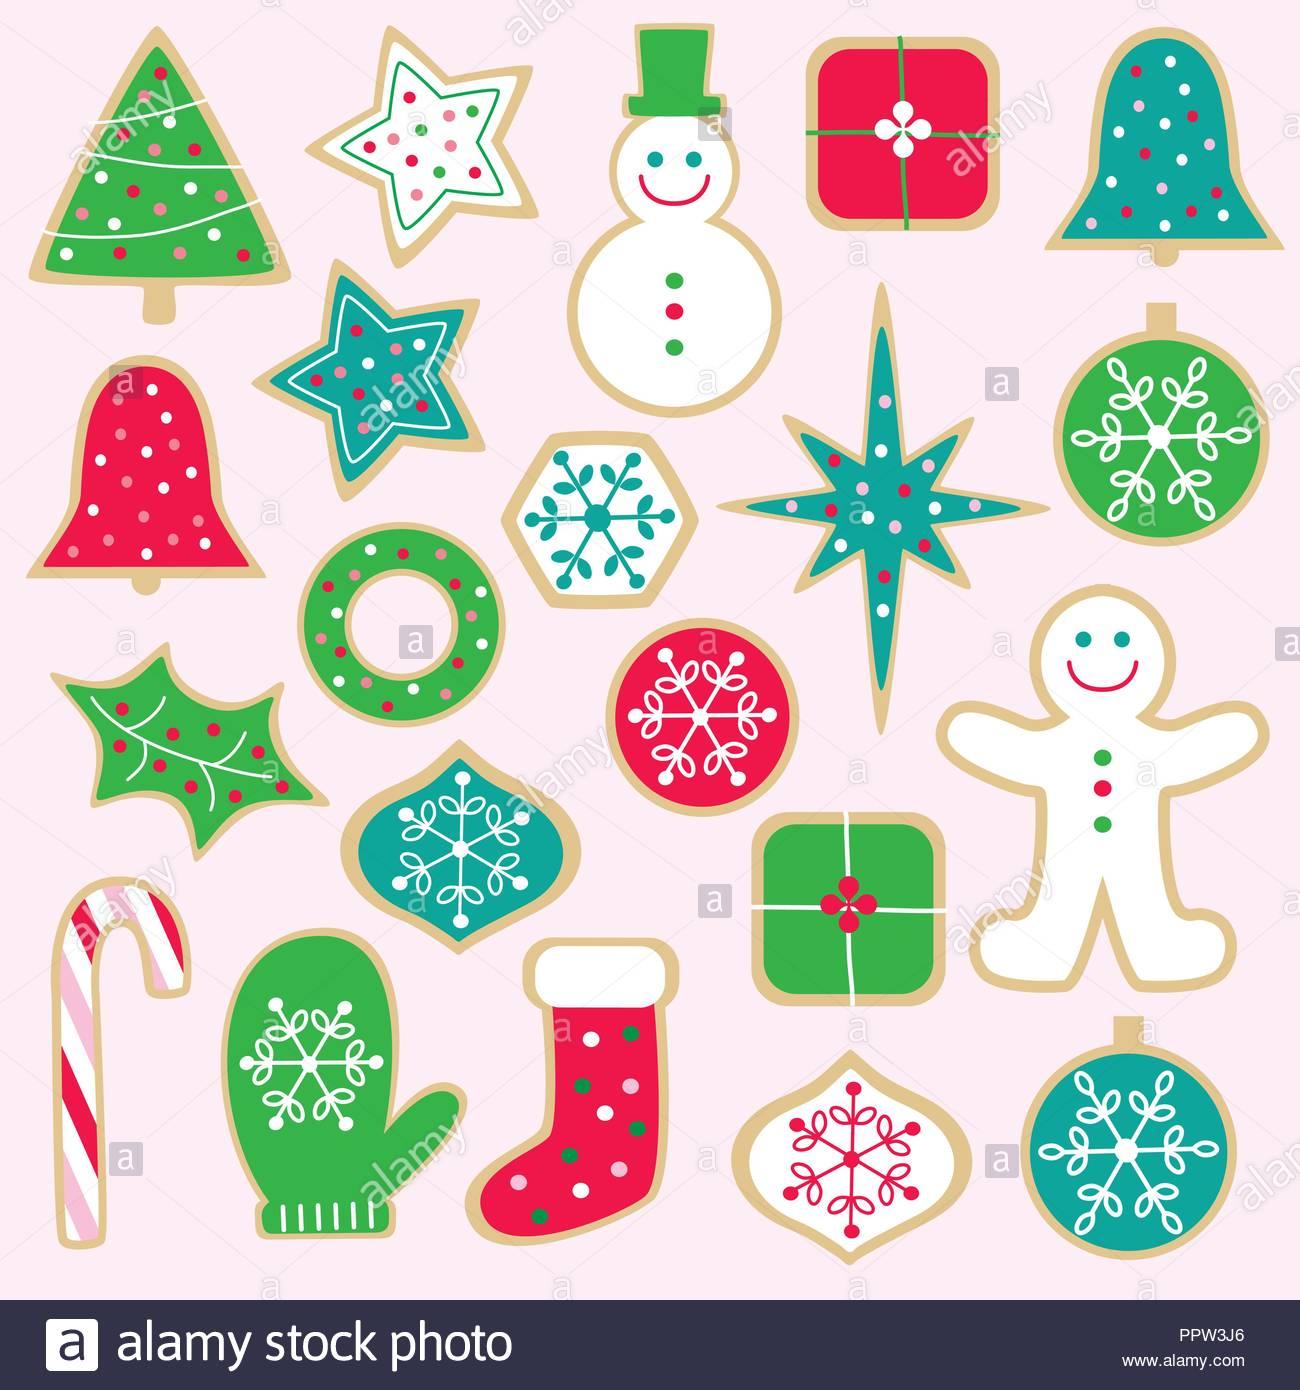 Weihnachtsplätzchen Clipart.Weihnachtsplätzchen Vektor Clipart Vektor Abbildung Bild